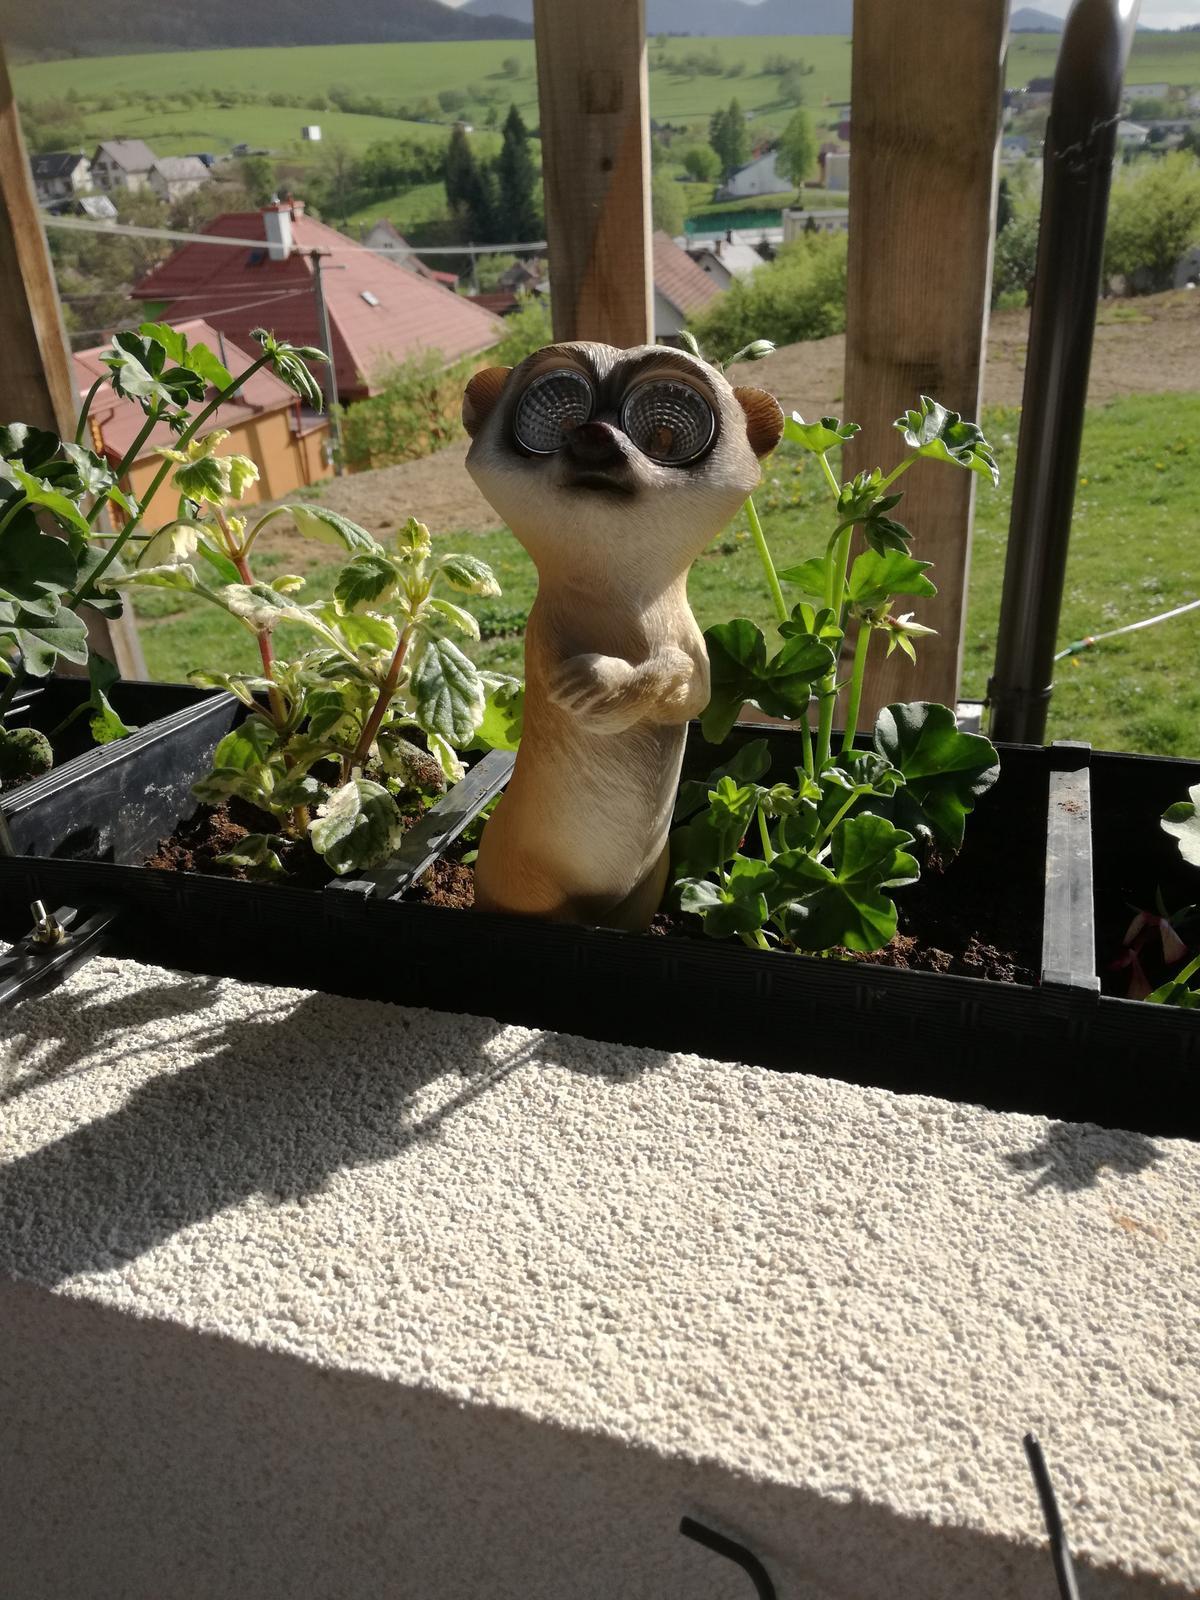 Domček na kopčeku - surikata-neodolala som